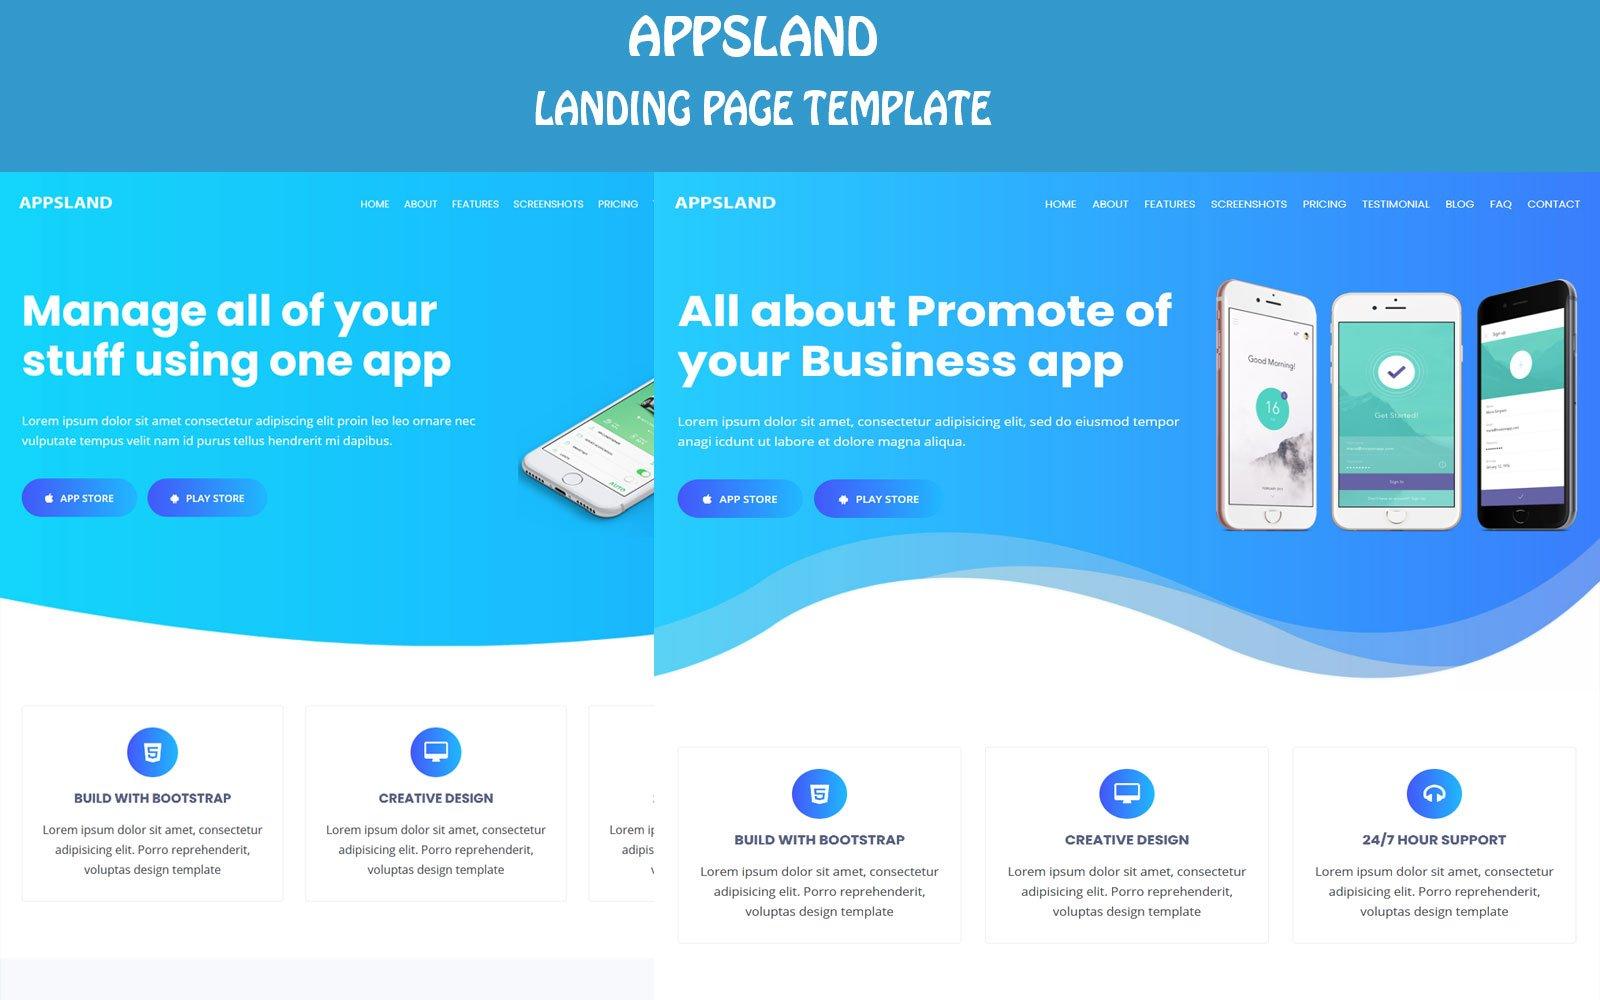 Responsywny szablon Landing Page Appsland - App Html5 #108498